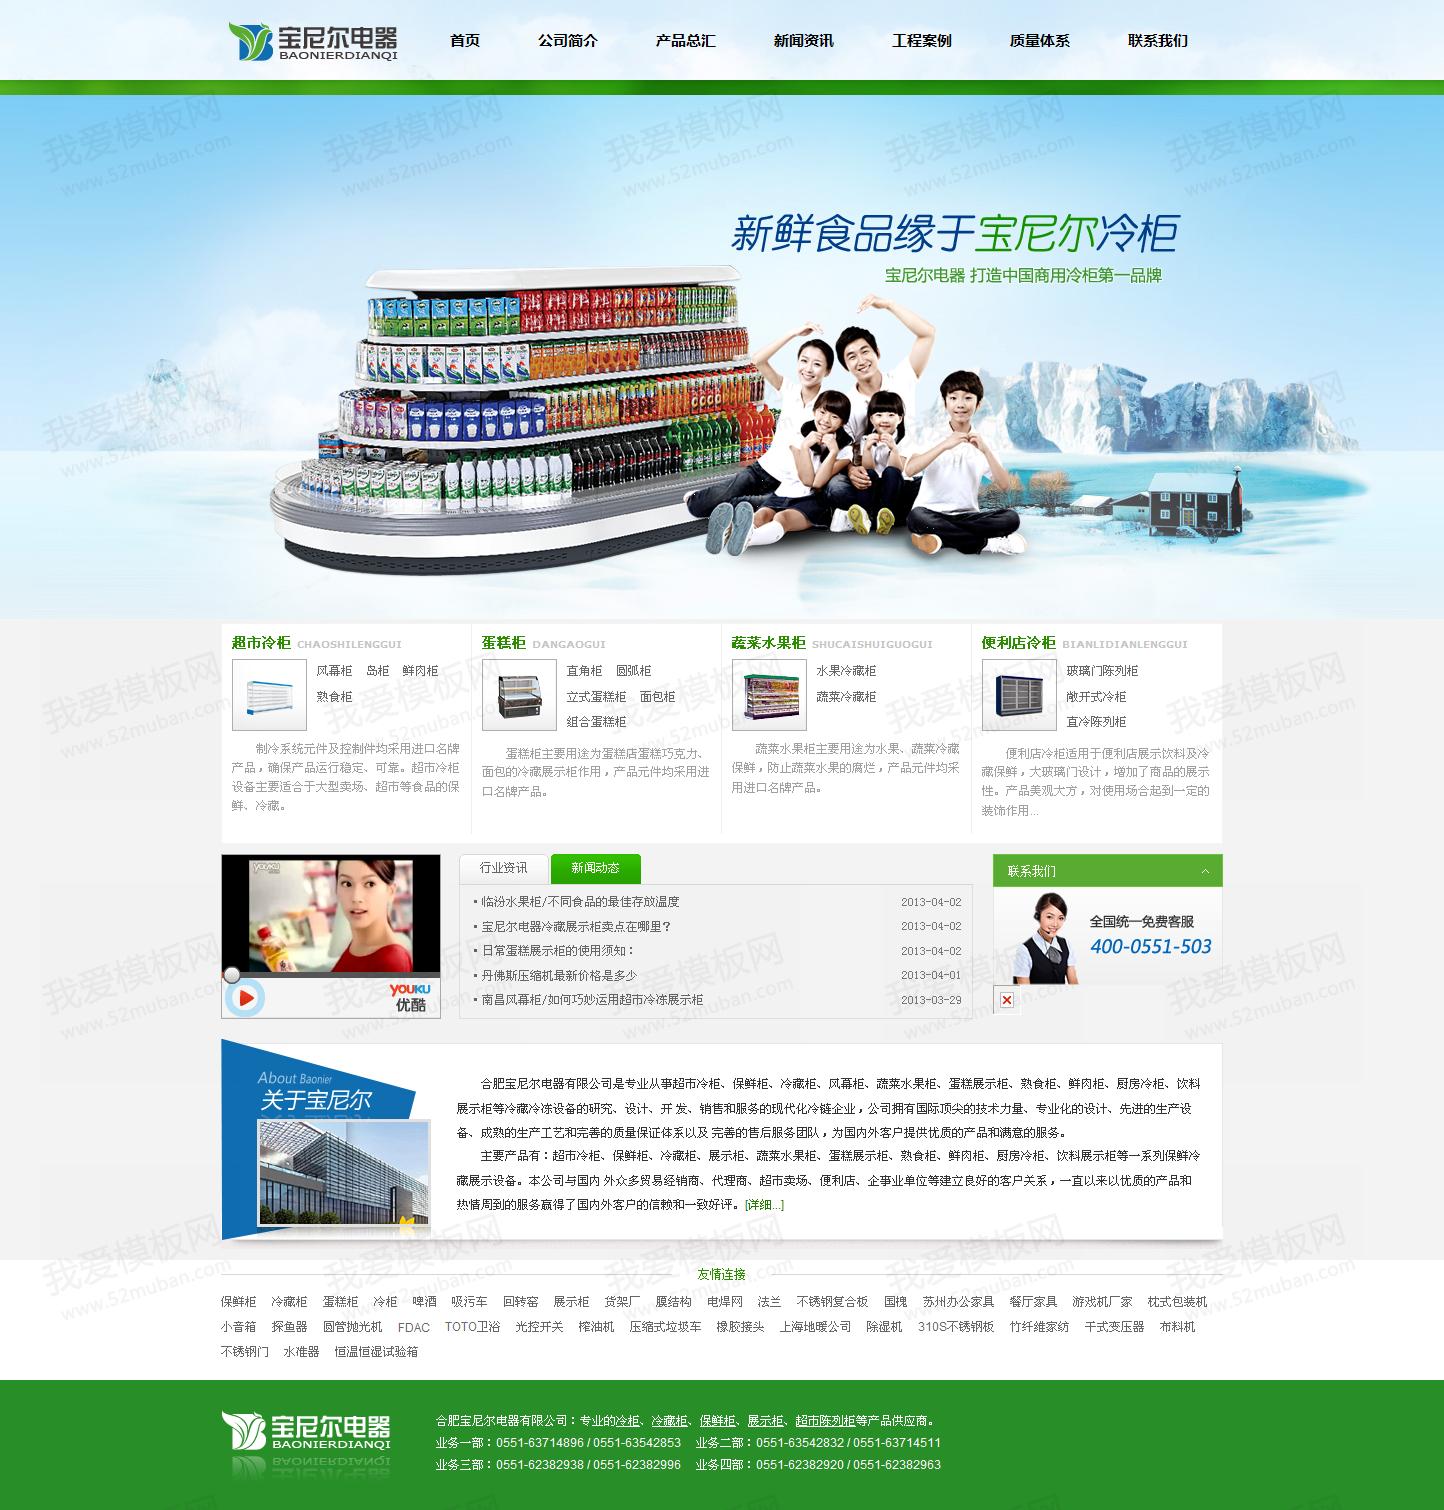 绿色的电器公司网站html模板源码下载